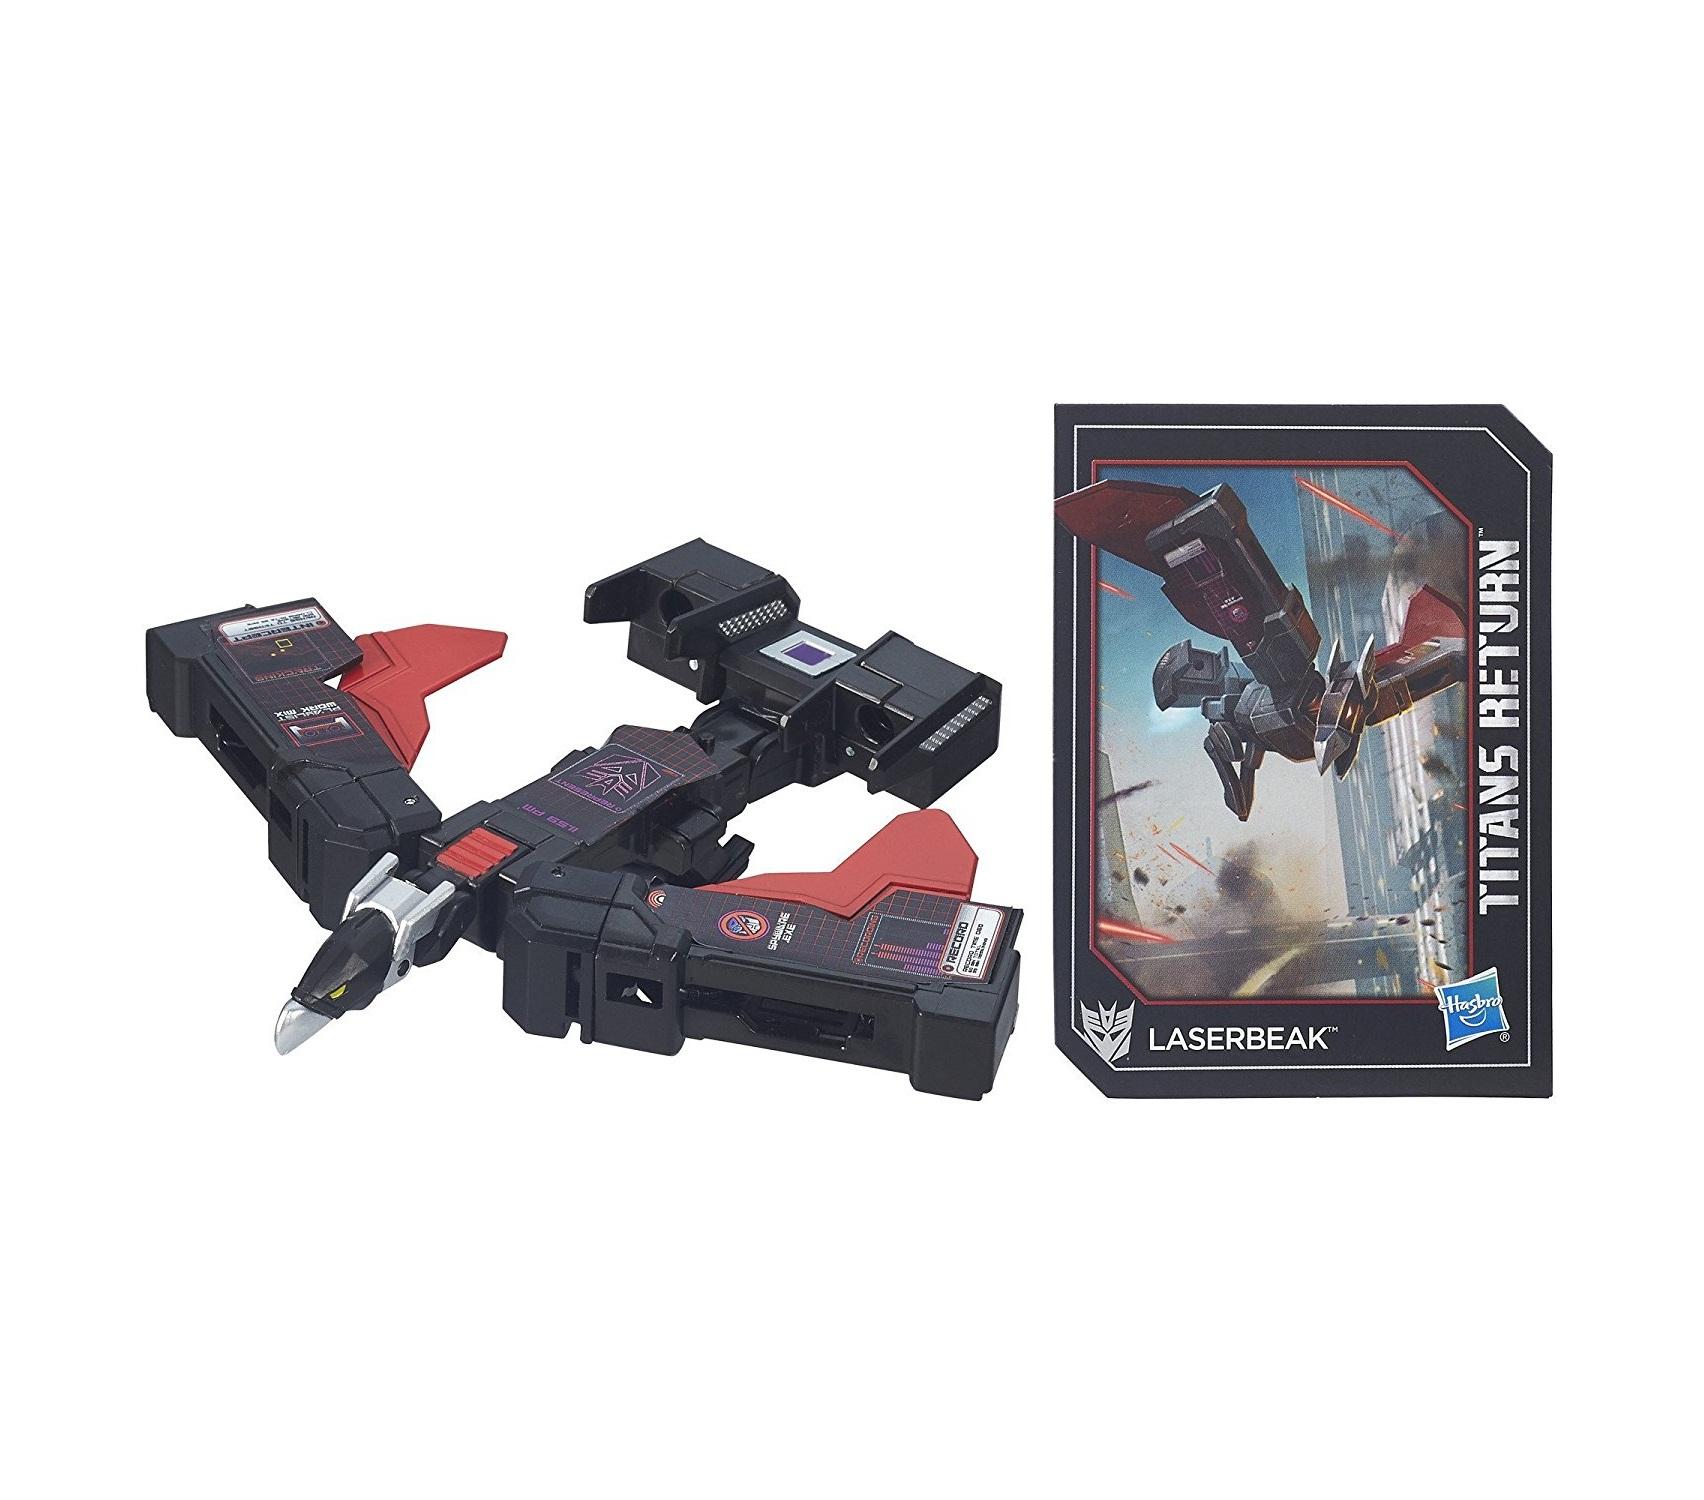 Трансформер - Дженерэйшнс: Войны Титанов Лэджендс – LaserbeakИгрушки трансформеры<br>Трансформер - Дженерэйшнс: Войны Титанов Лэджендс – Laserbeak<br>